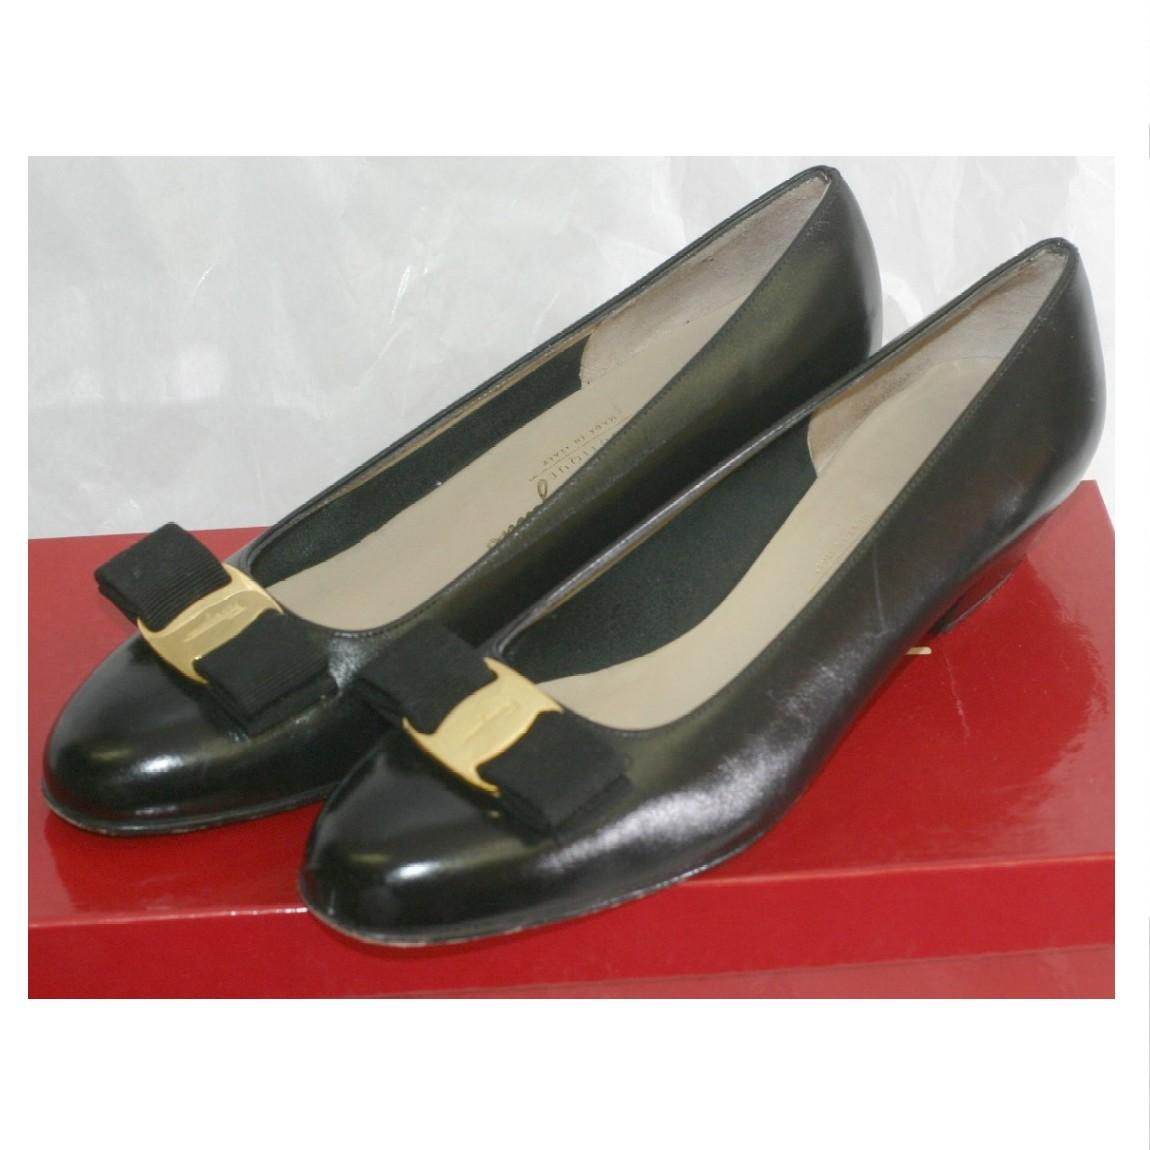 【中古】本物ほぼ新品フェラガモVARAの金具の黒いカーフ素材のお洒落なパンプス サイズ6 C 踵の高さ3cm ○D14-123